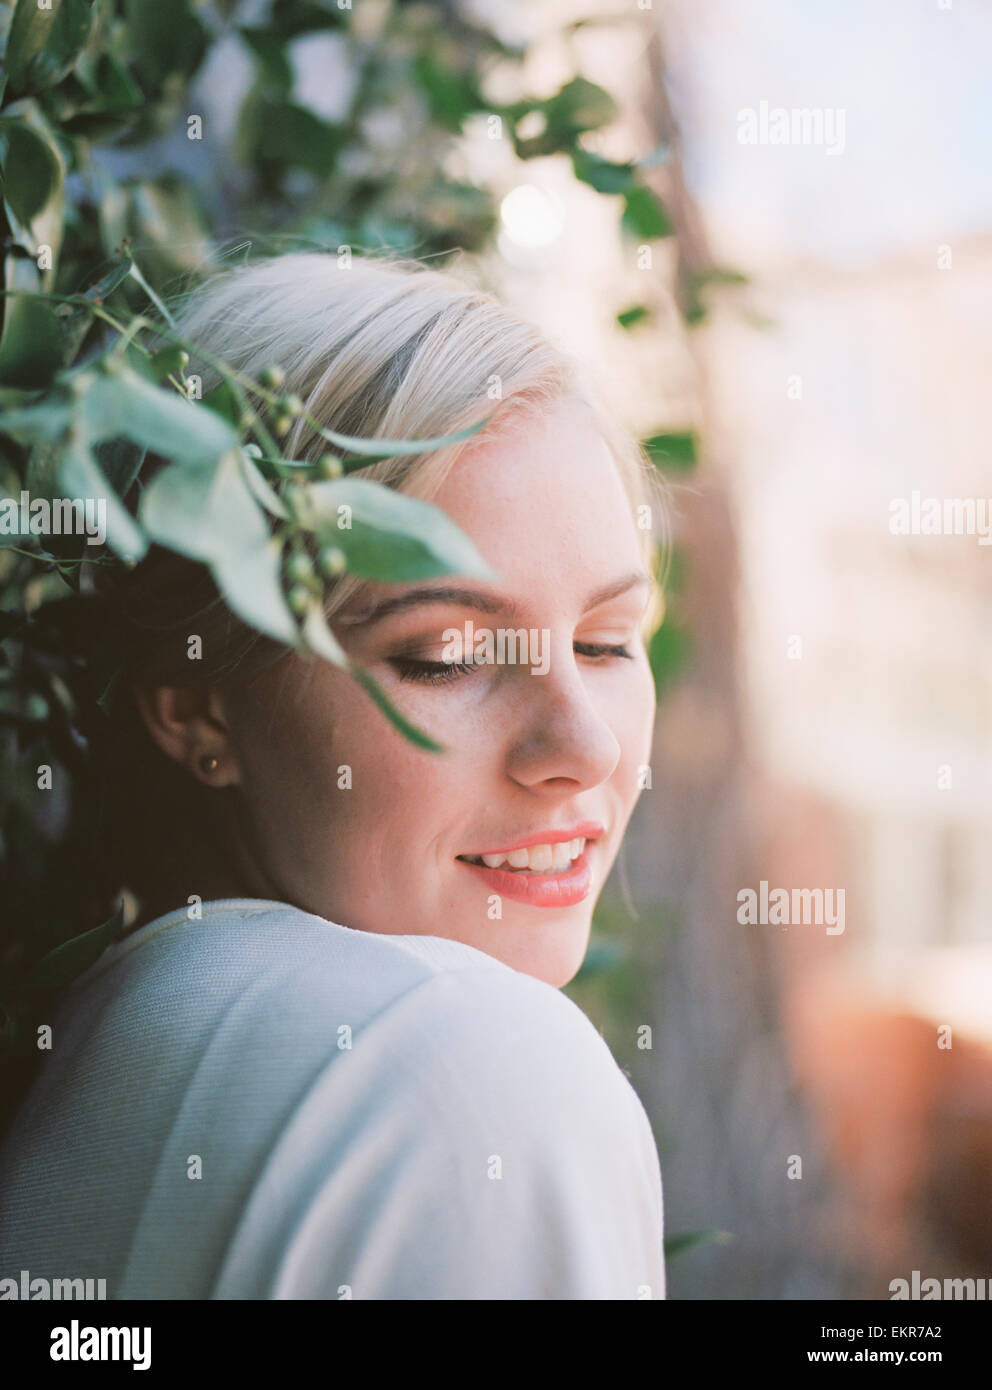 Una donna graziosa con un mezzo sorriso, appoggiata contro una viticoltura su una parete. Immagini Stock